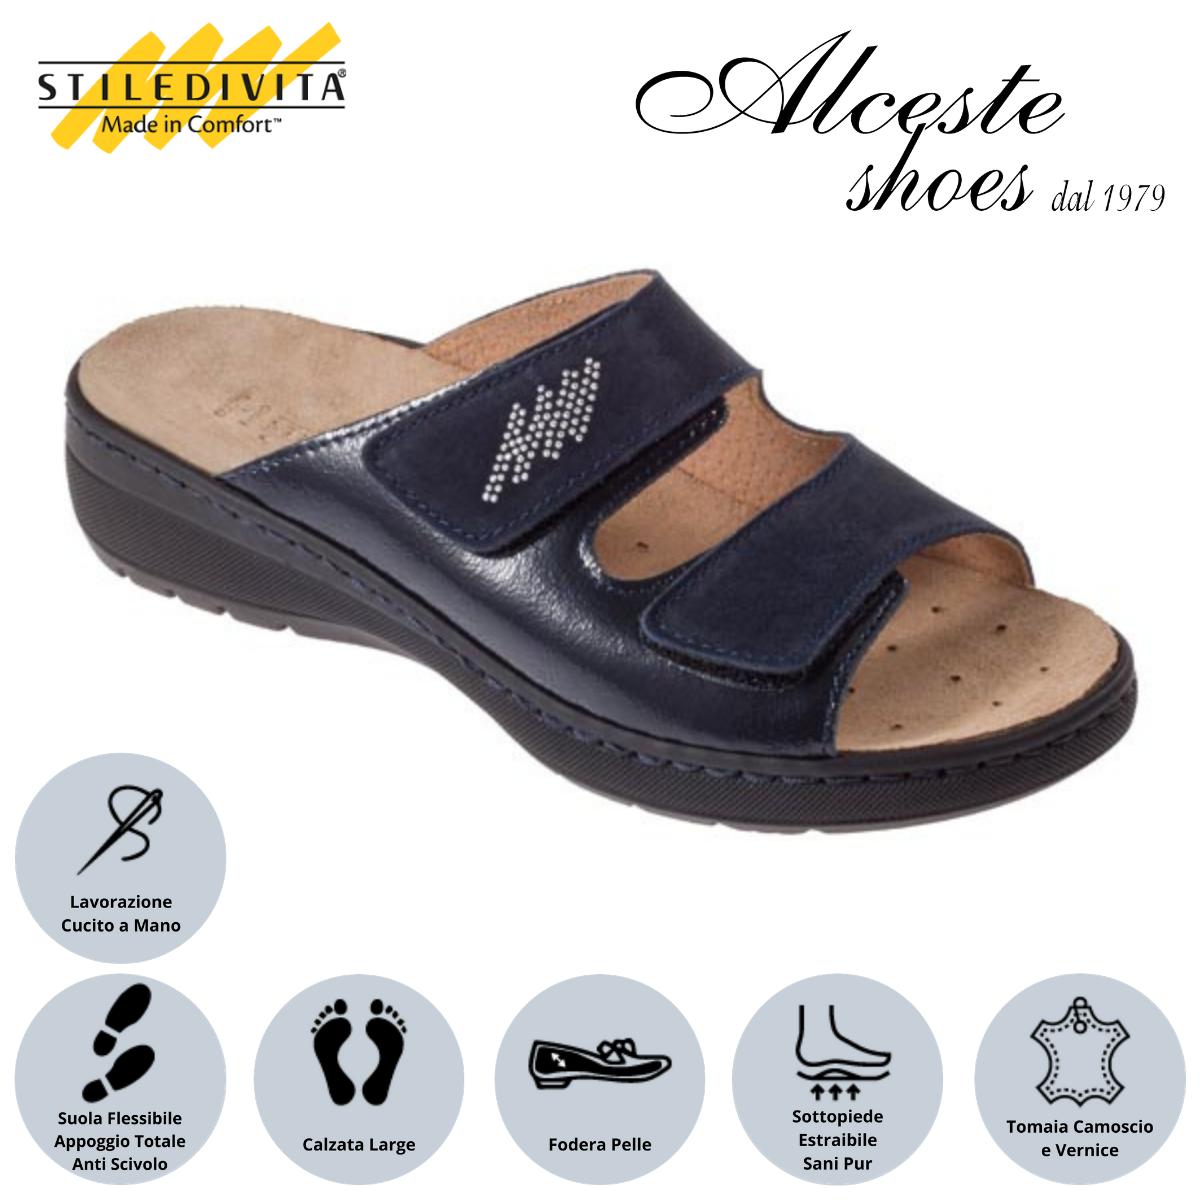 Ciabatta con Strappi e Sottopiede Estraibile Stiledivita Art. 8226 Vernice e Camoscio Blu Alceste Shoes 4